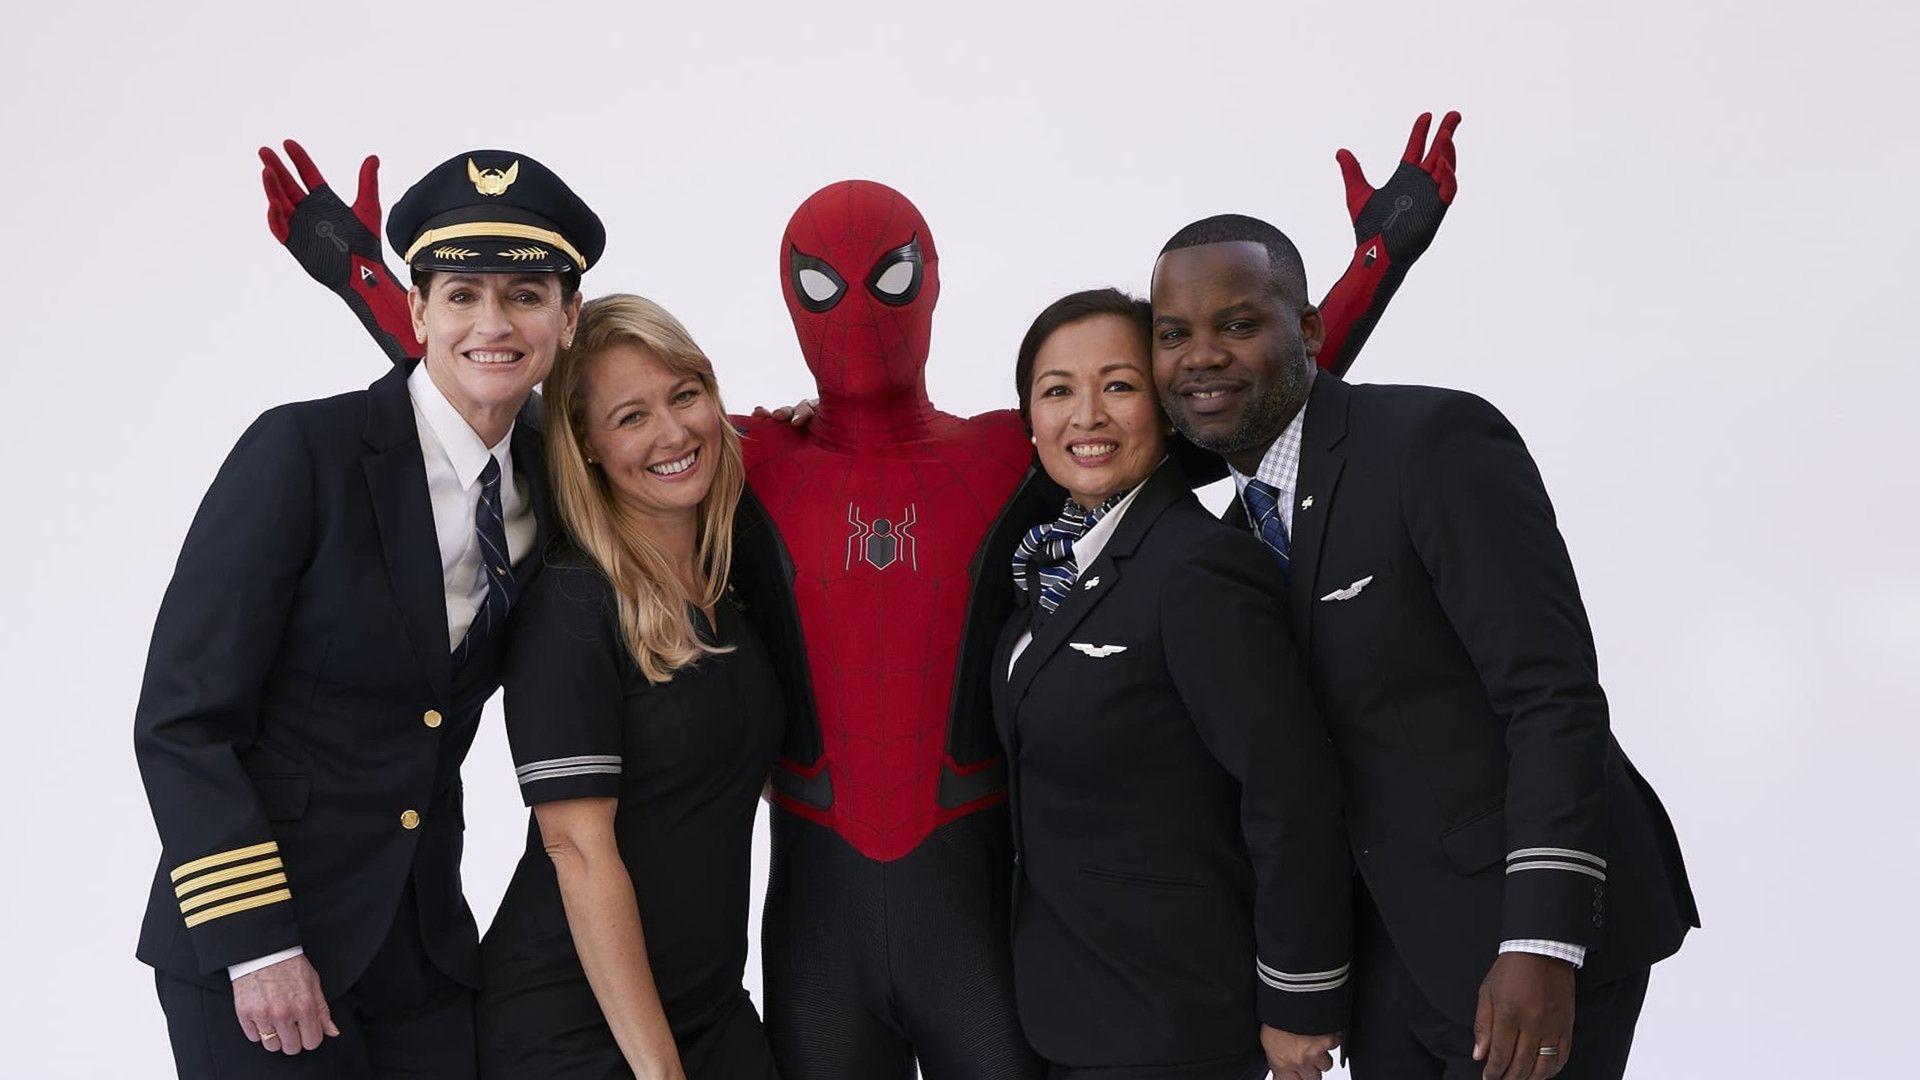 超级英雄蜘蛛侠为你讲解乘机安全须知